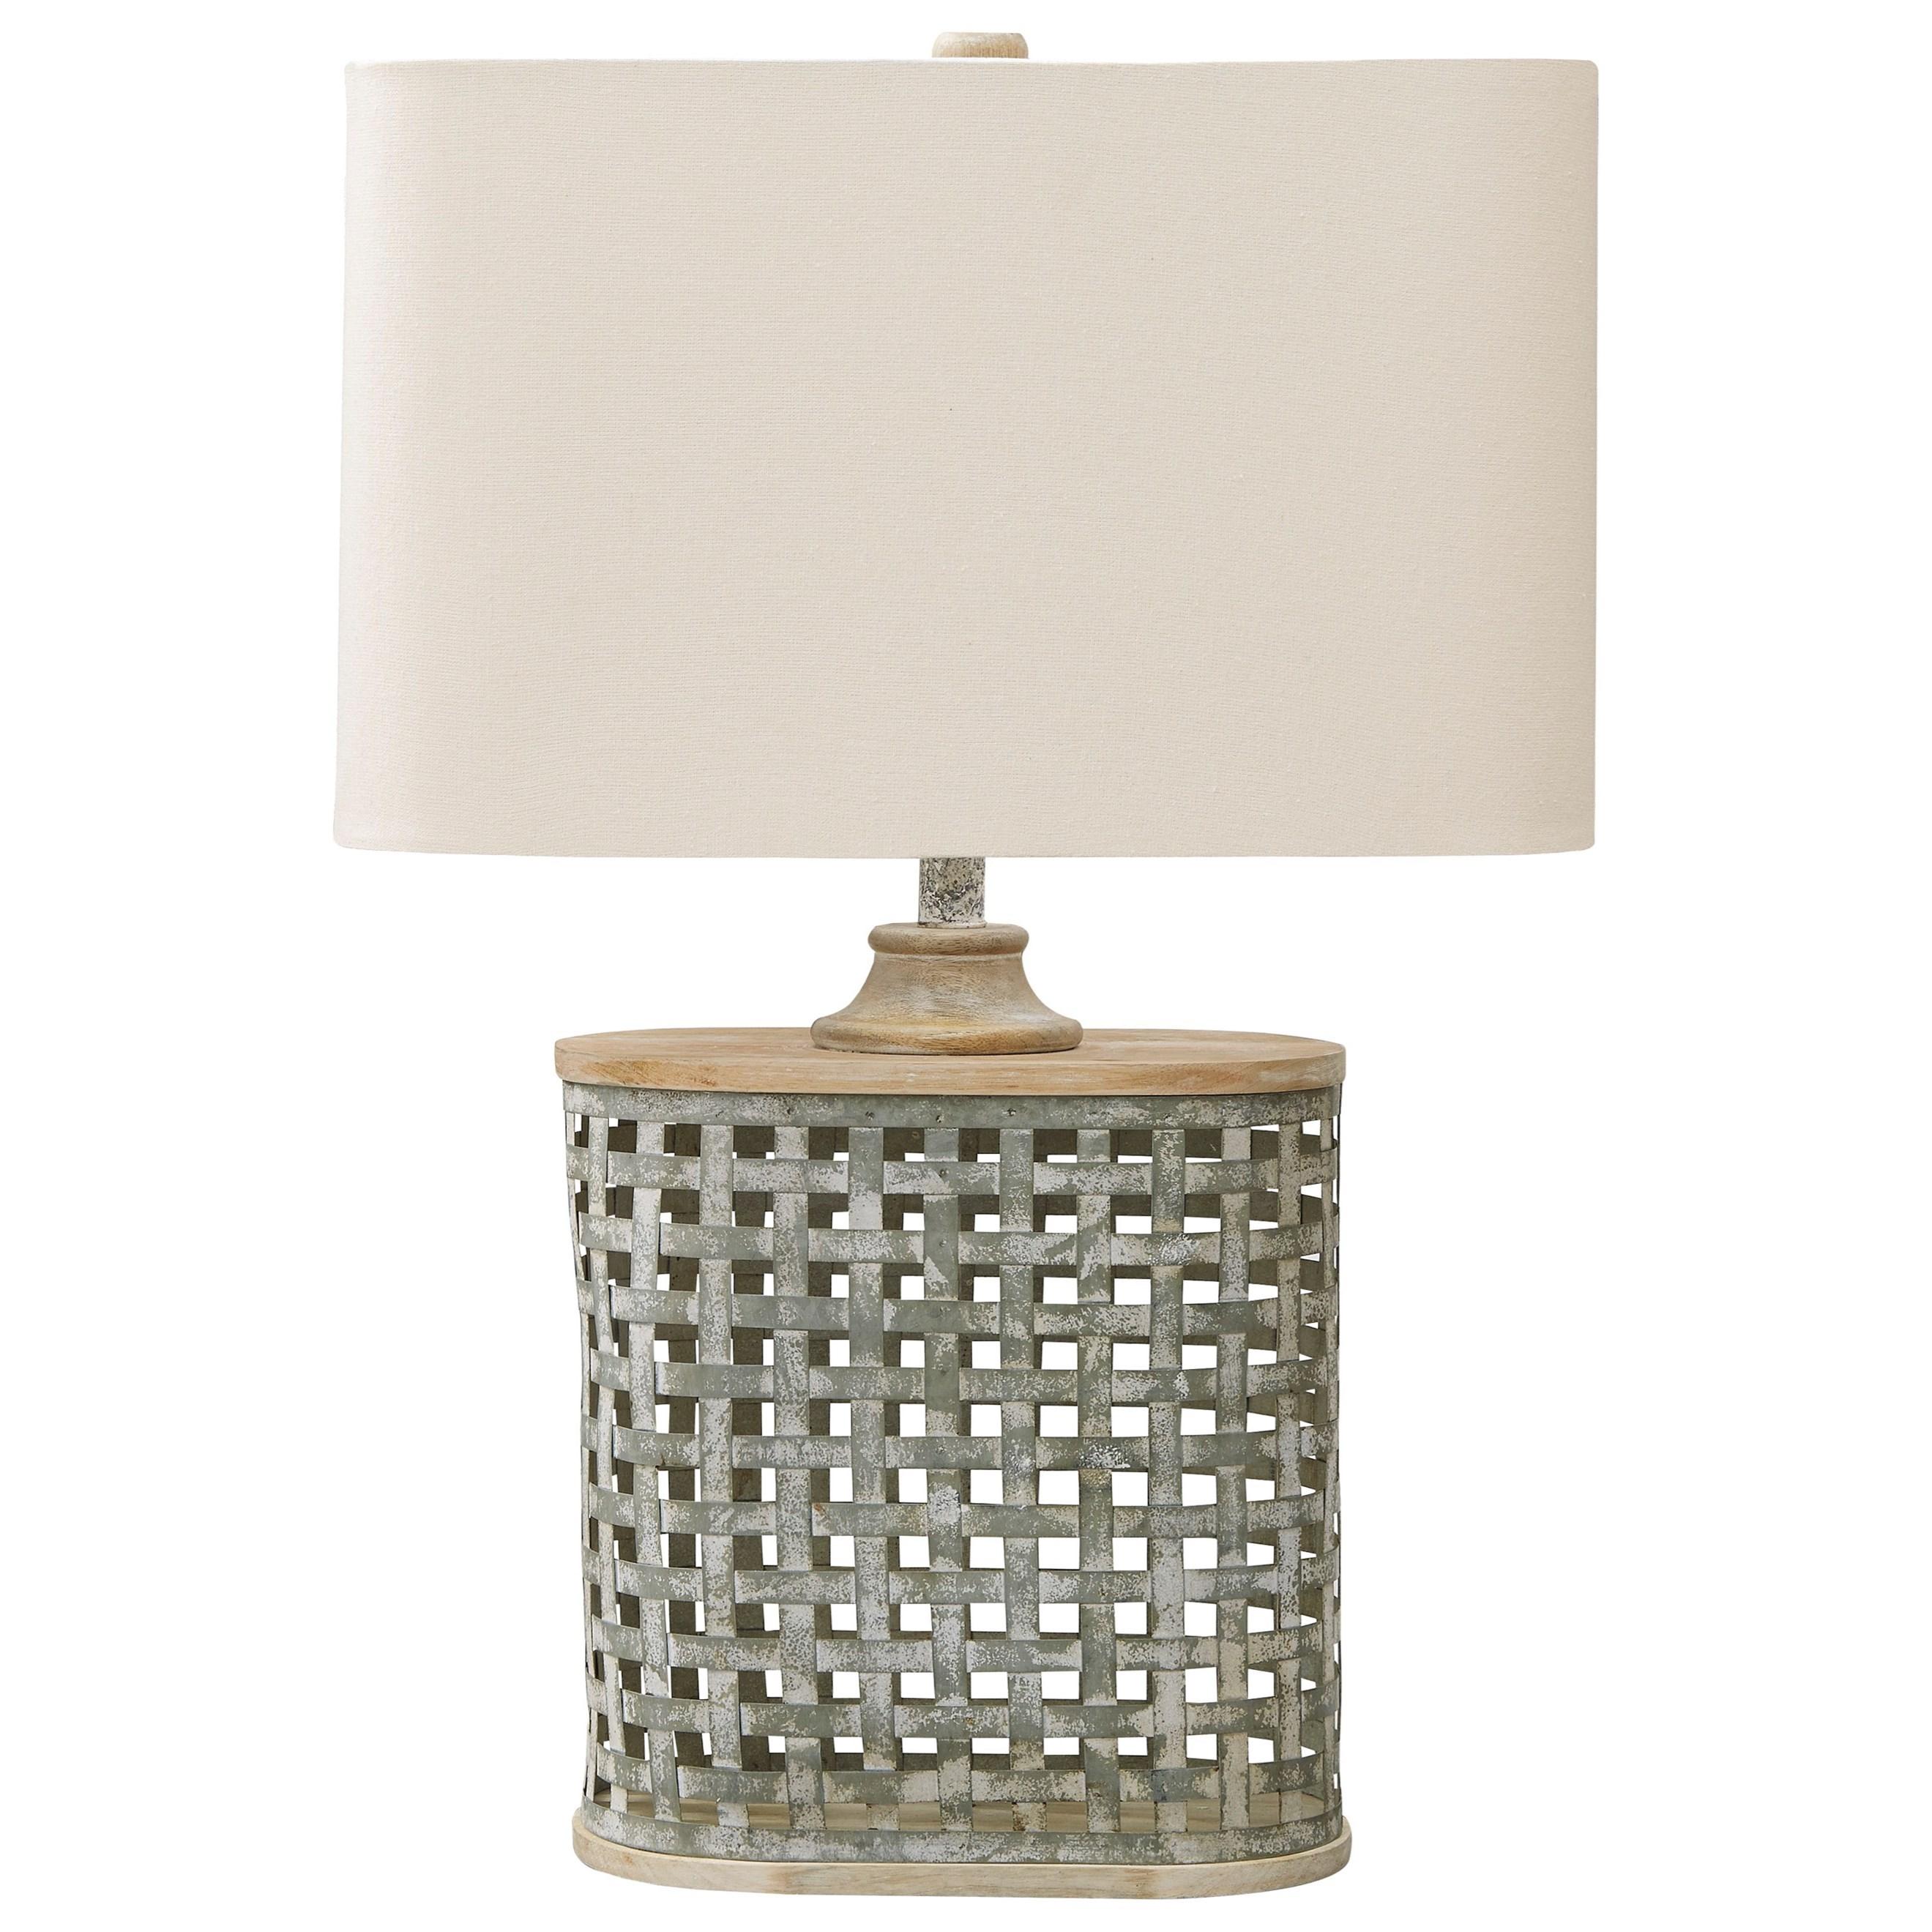 Deondra Gray Metal Table Lamp